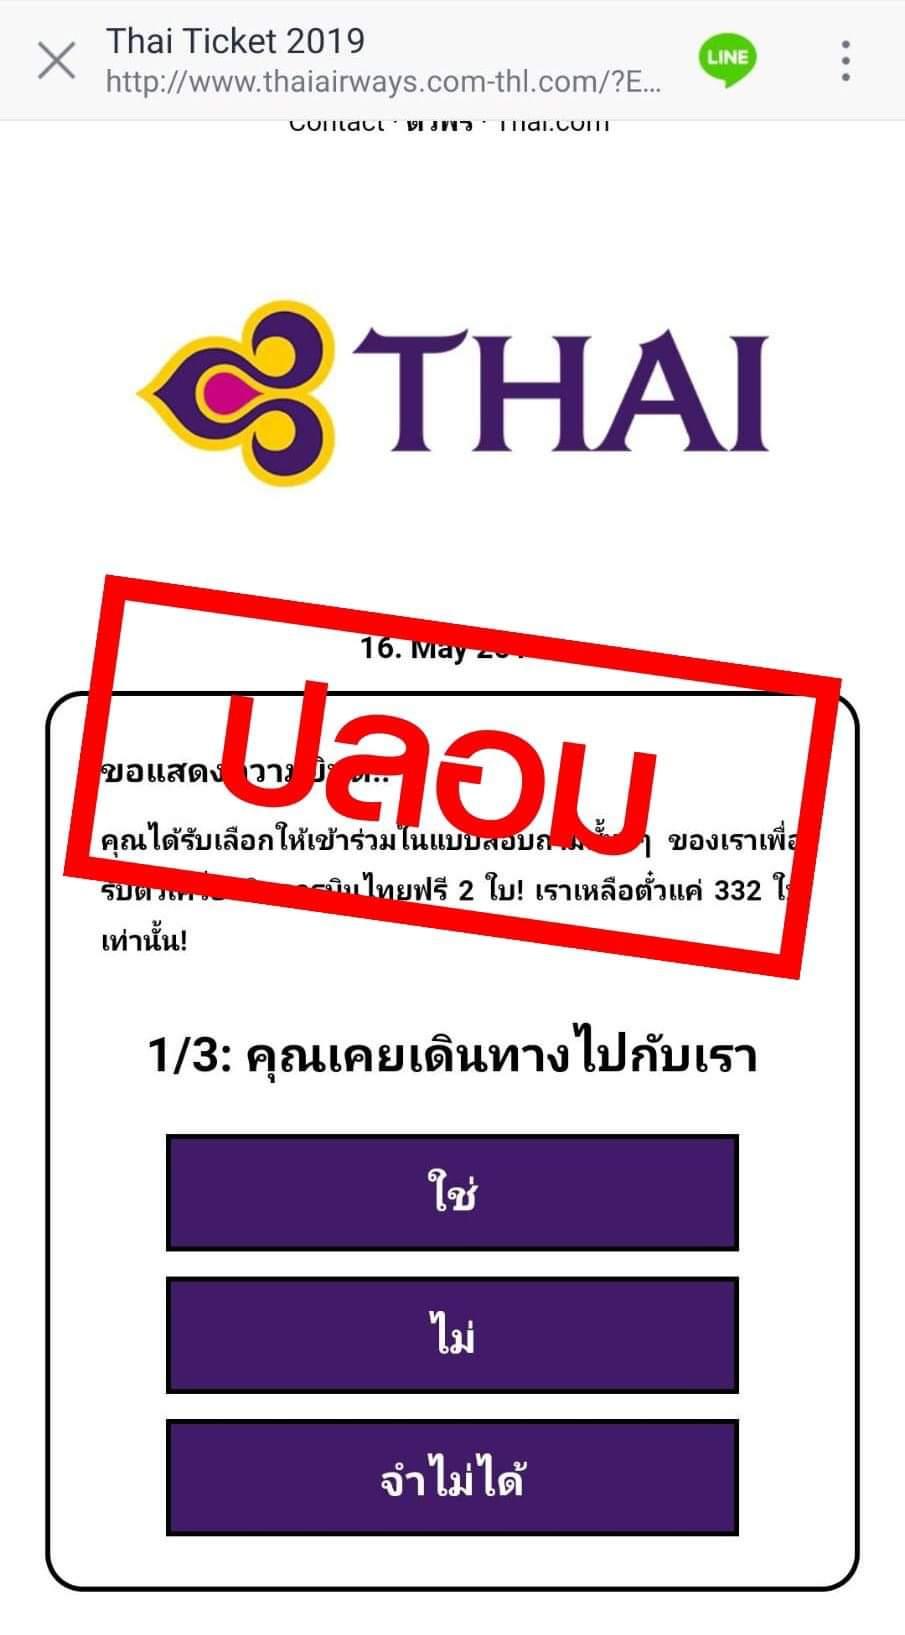 เว็บไซต์ปลอม! การบินไทย เตือนอย่าเชื่อ!